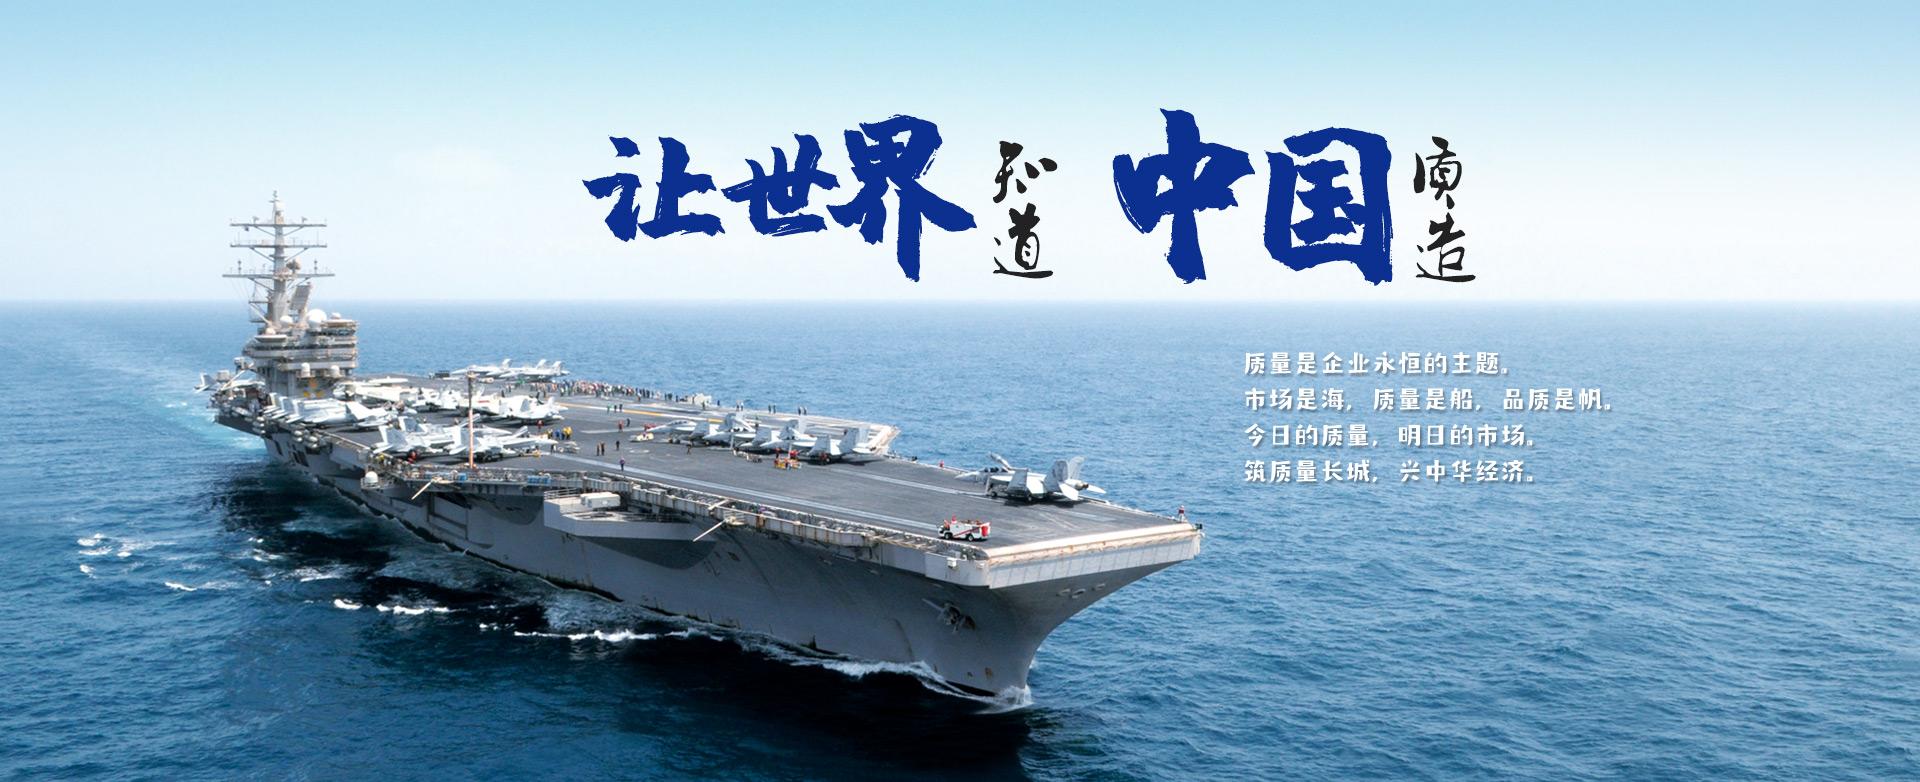 让世界知道中国质造